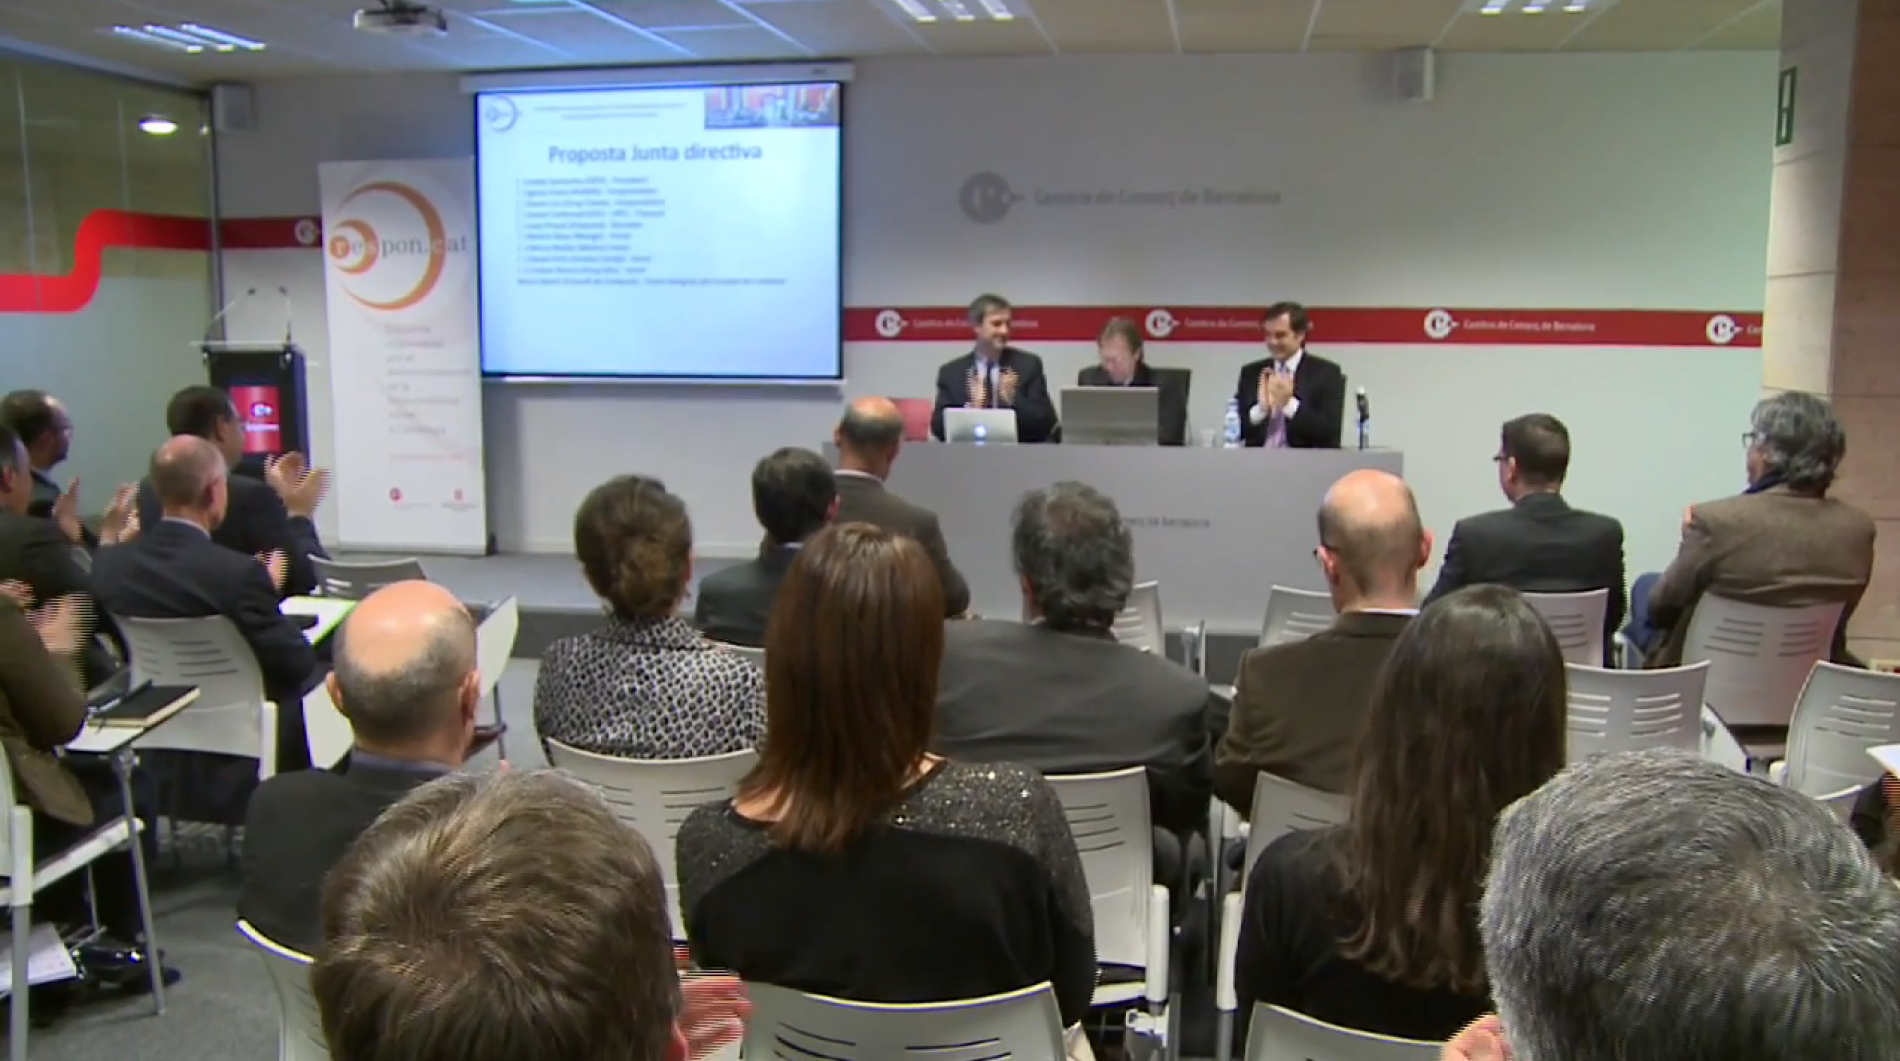 36 empreses creen Respon.cat per fomentar la Responsabilitat Empresarial a Catalunya